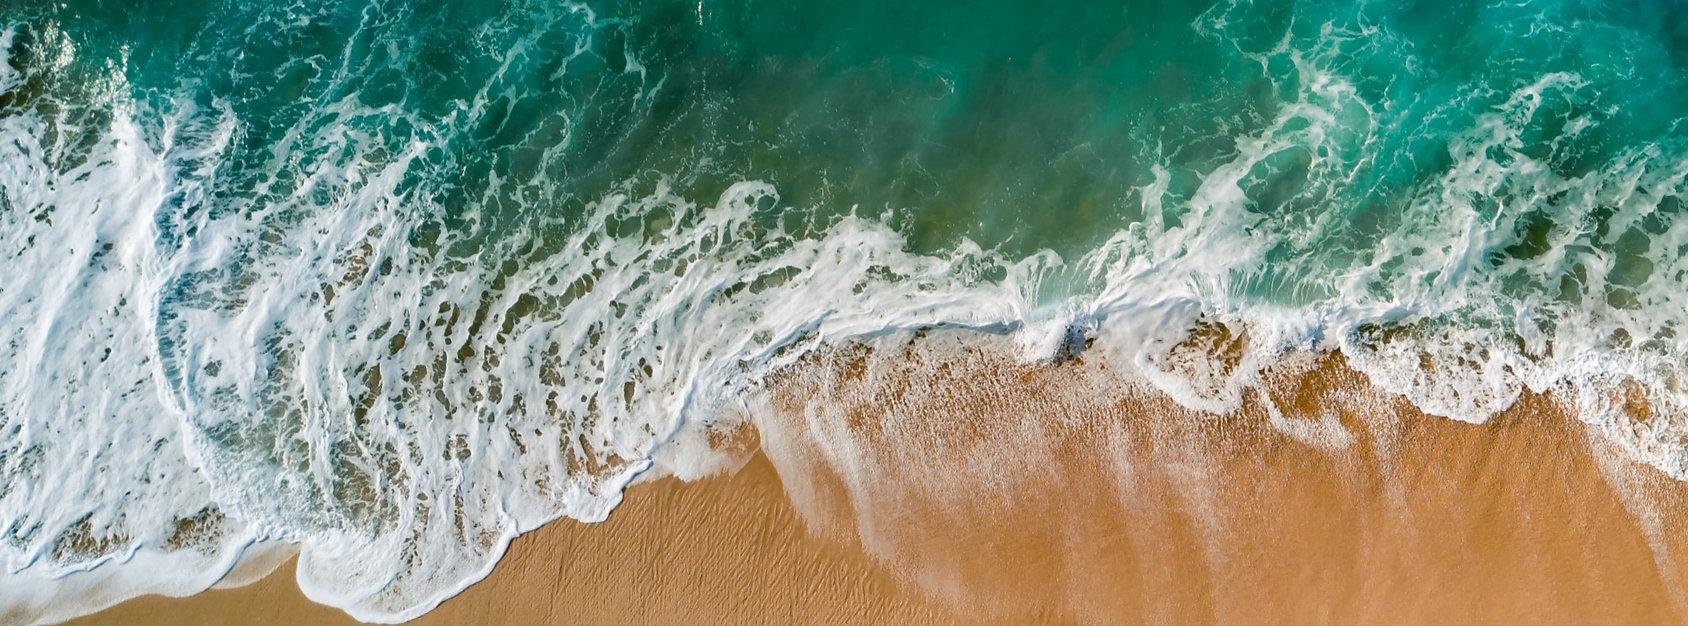 5304591-ocean-water-north-shore-drone-wa